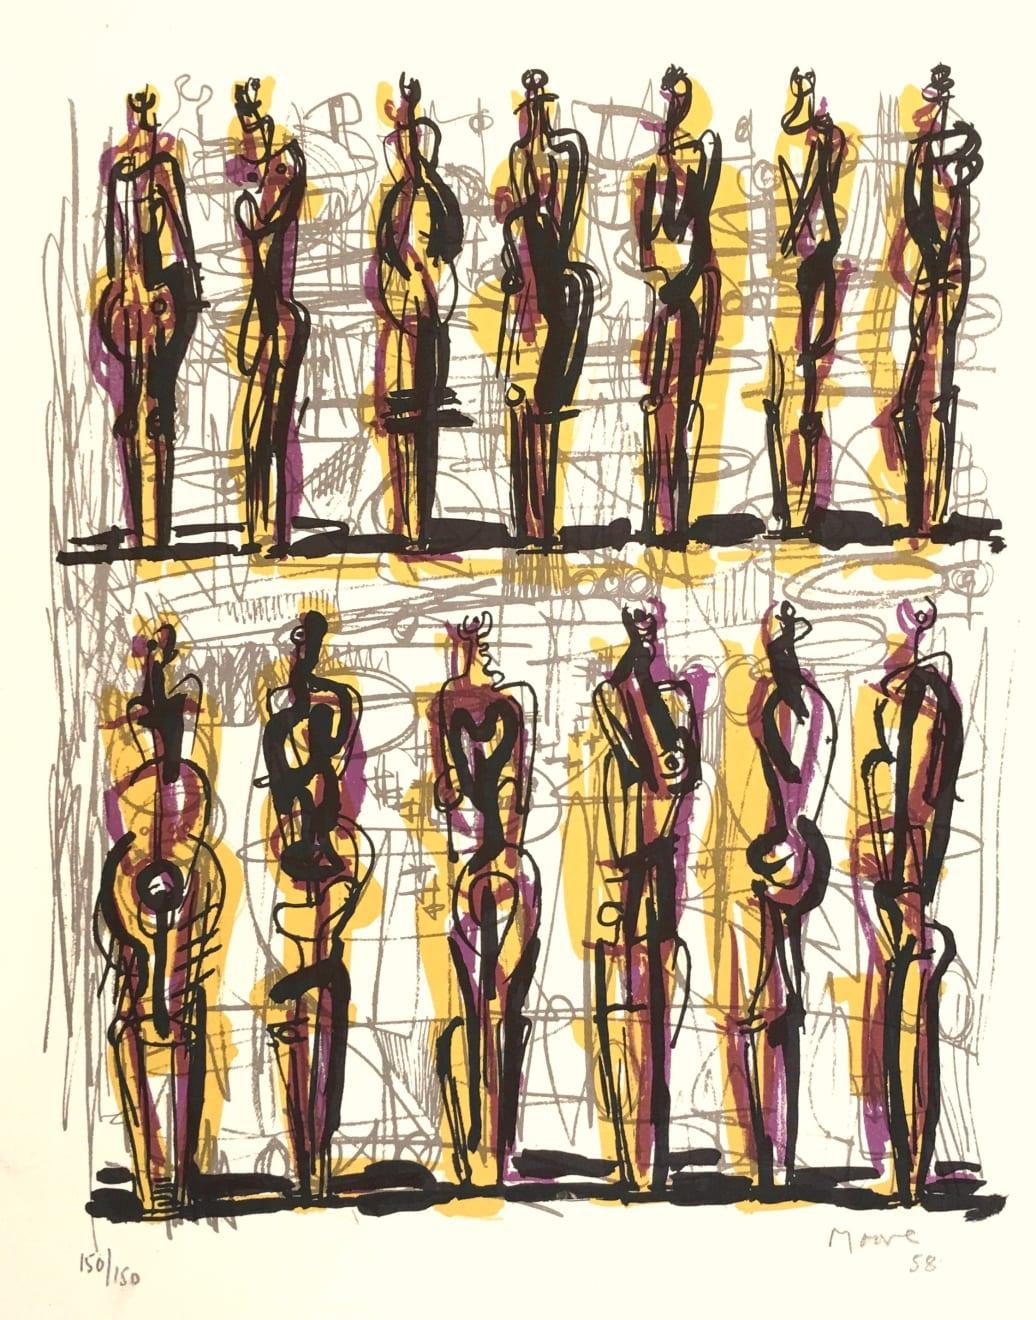 Henry Moore, Thirteen Standing Figures, 1958